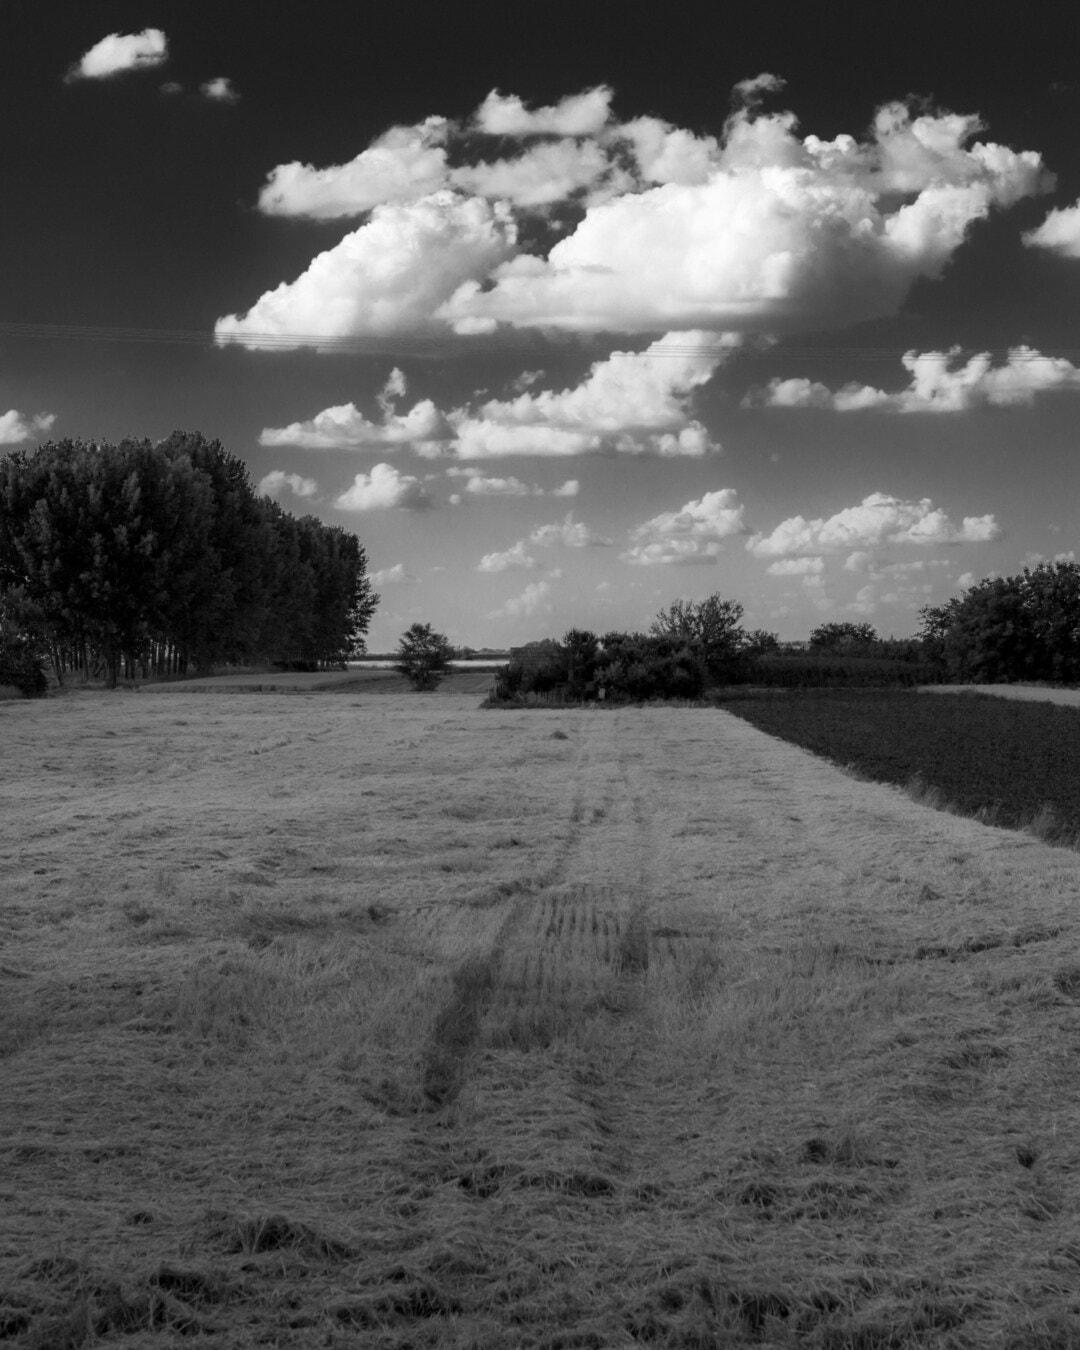 blé, noir et blanc, harvest, monochrome, champ de blé, arbre, paysage, Hiver, nature, ferme